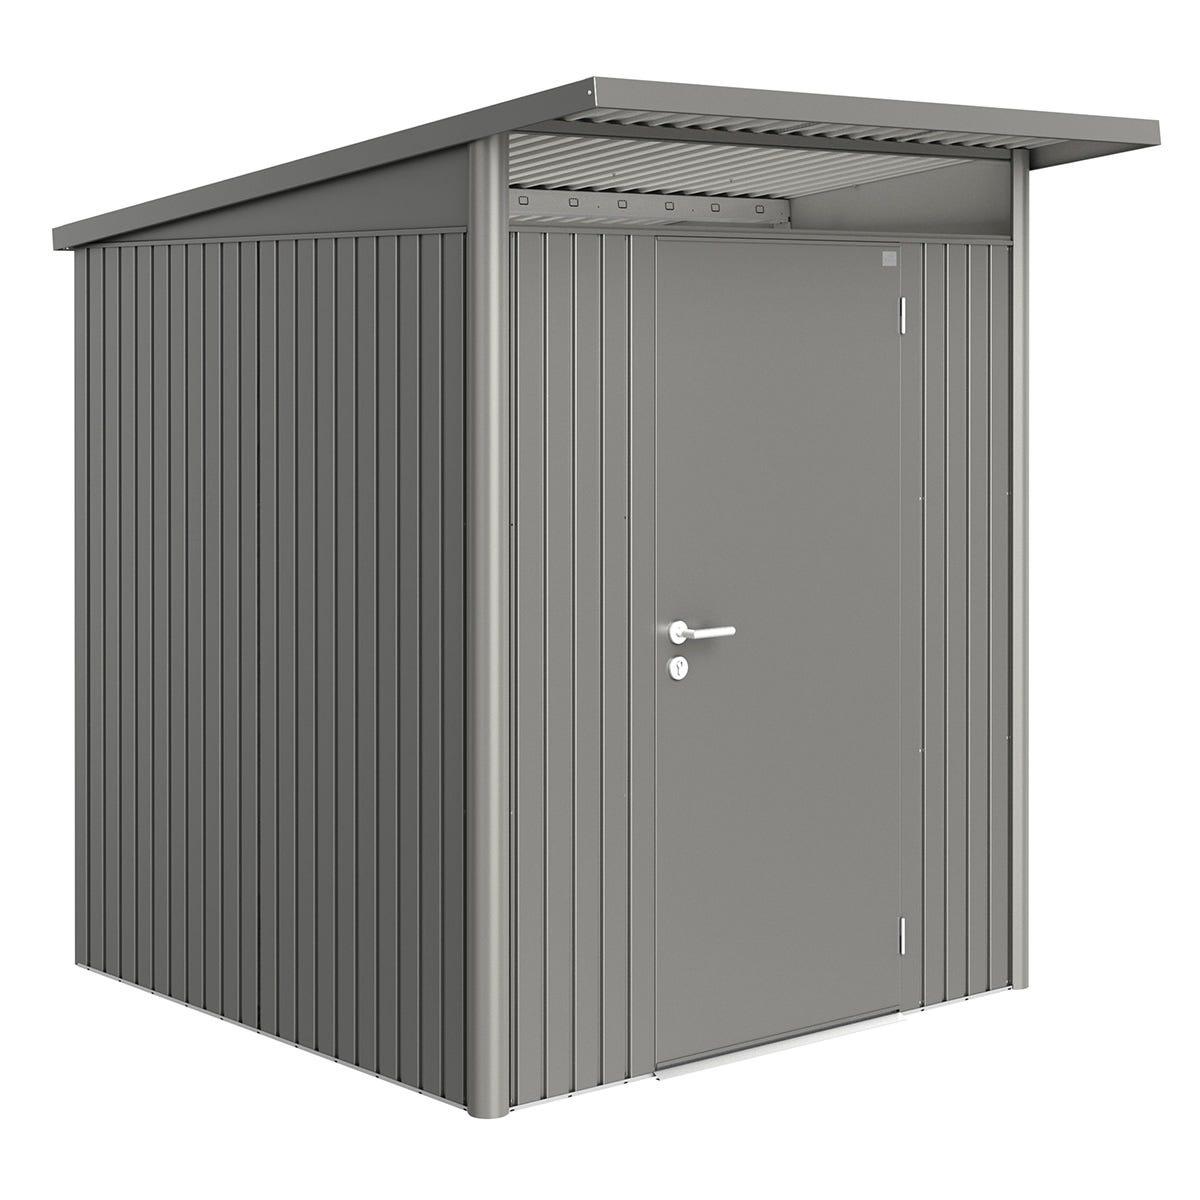 Biohort AvantGarde Metal Shed A1 Standard door 5' 9'' x 7' 2'' - Quartz Grey